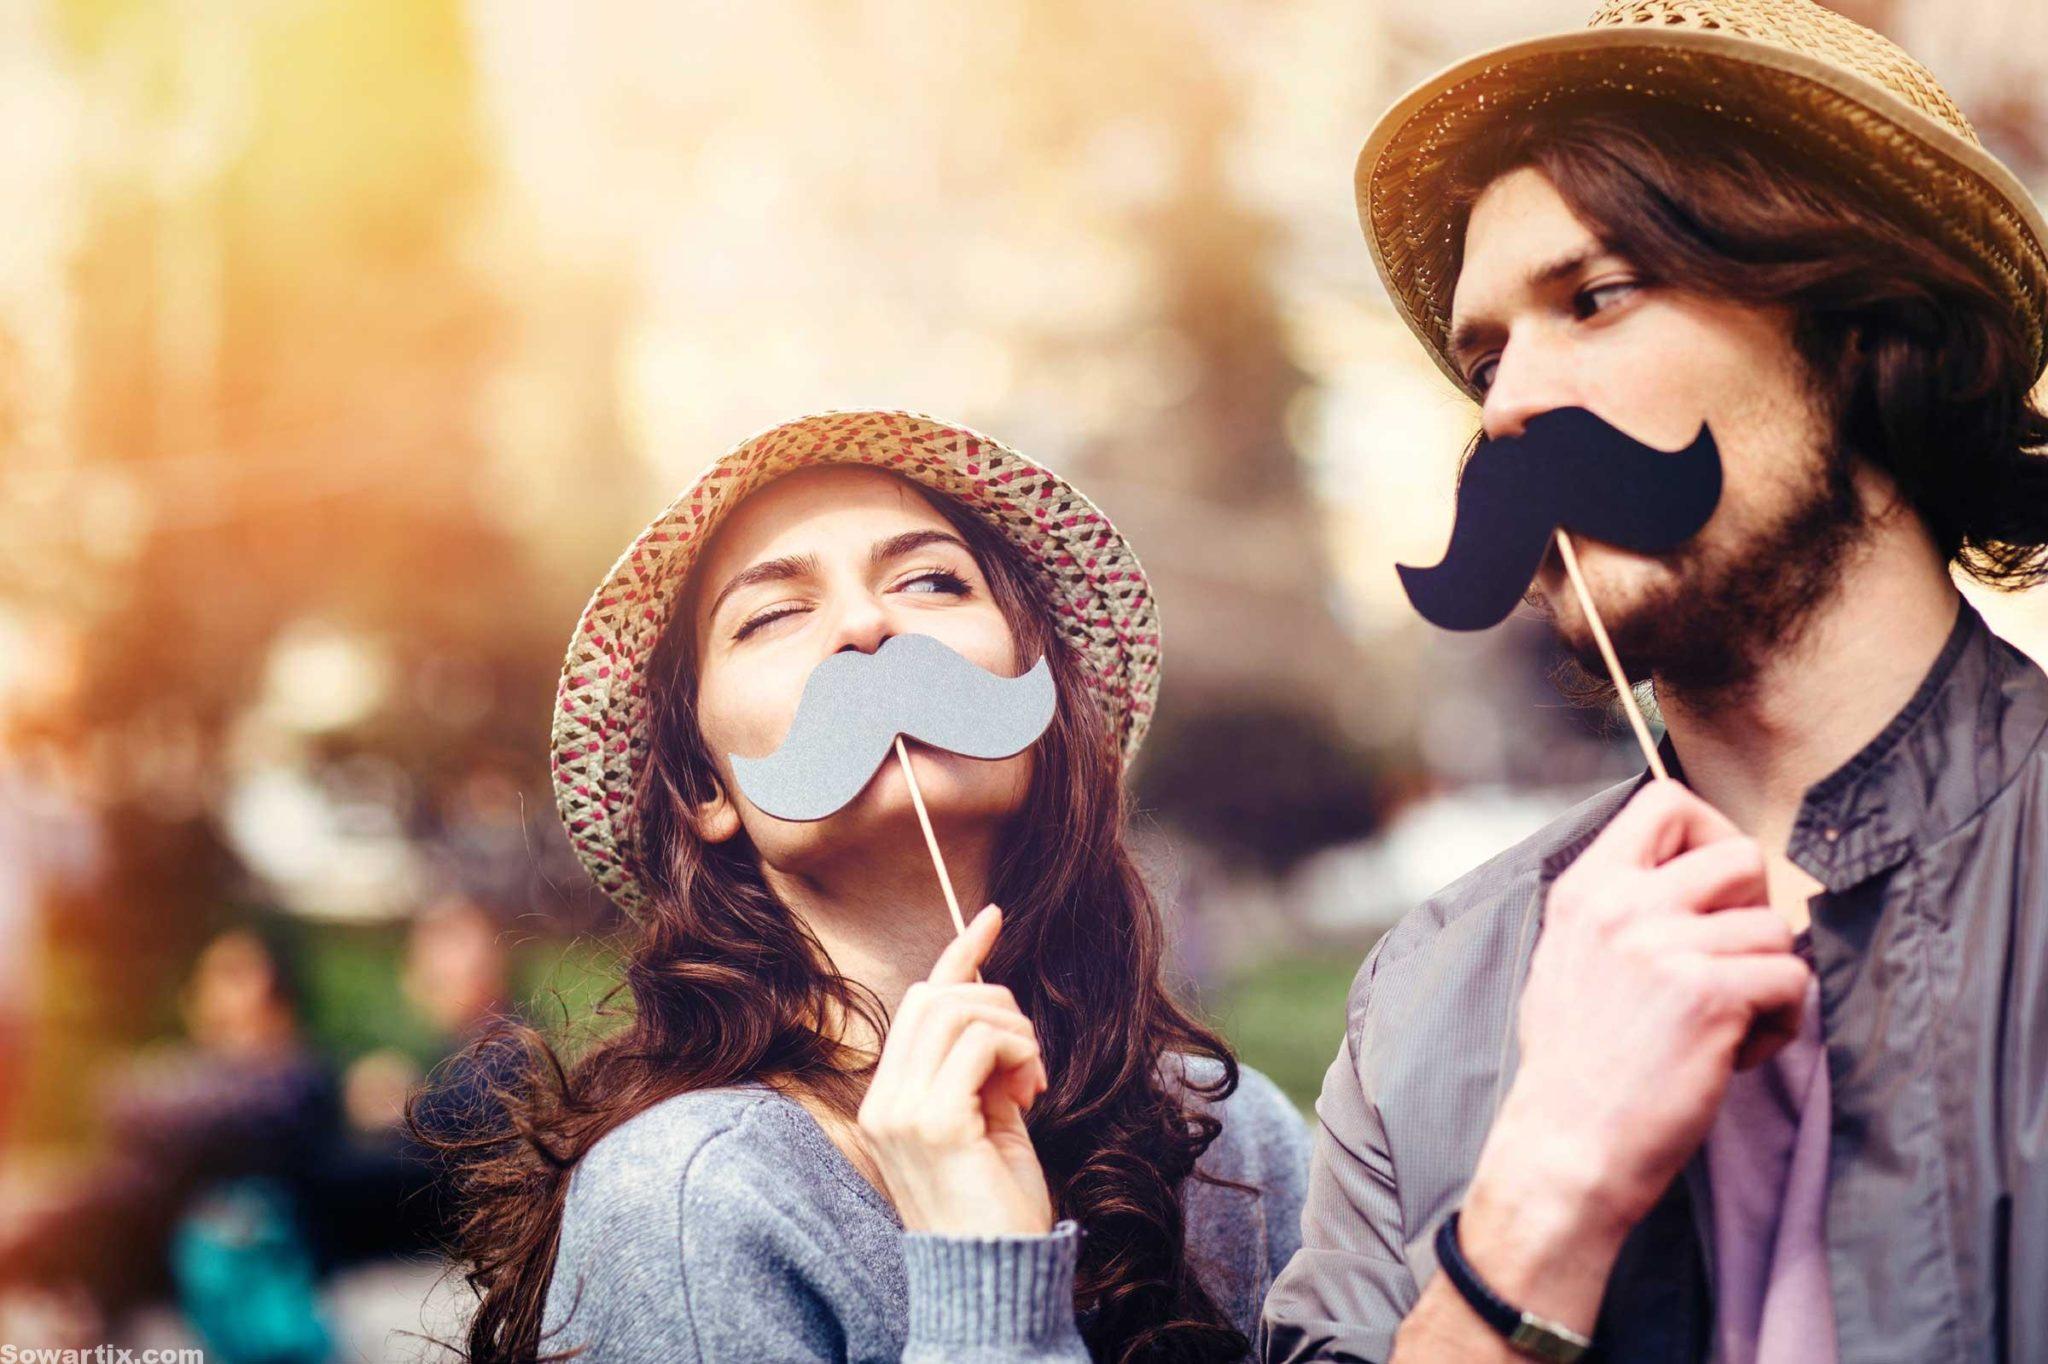 بالصور صور جميله رومنسيه , اجمل الصور الرومانسيه 3592 1